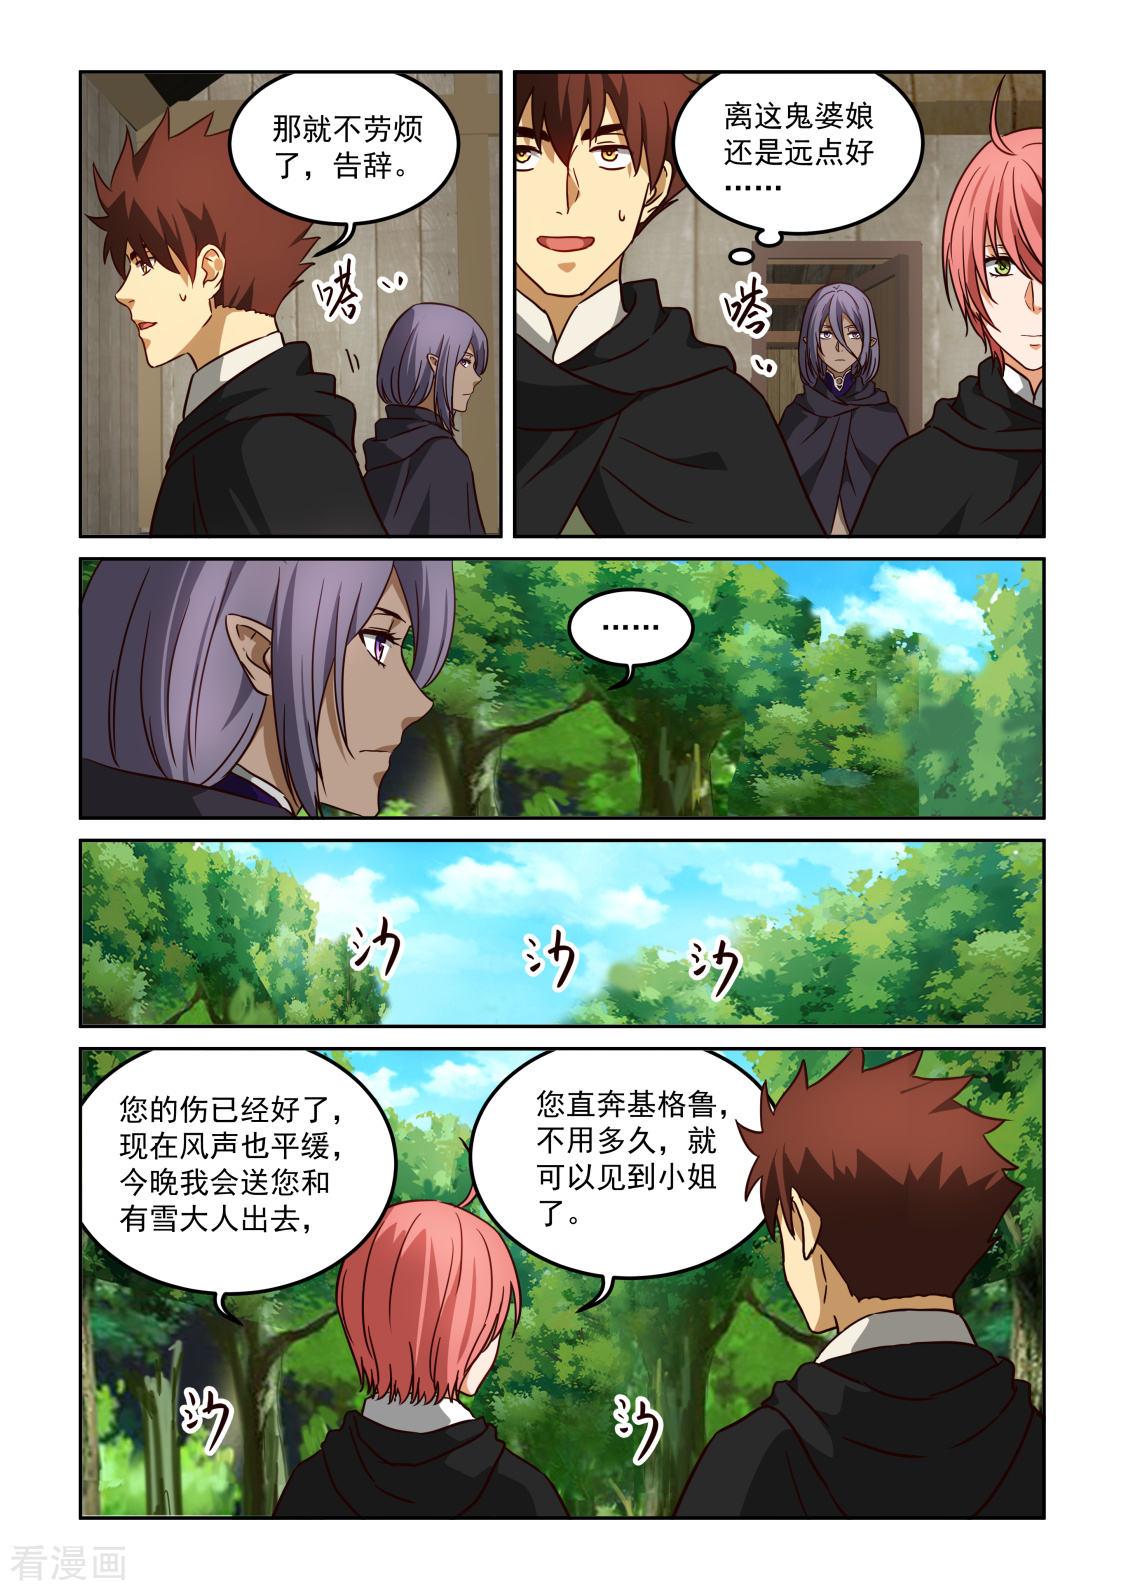 風姿物語: 3季37话 藏匿点危机 - 第4页